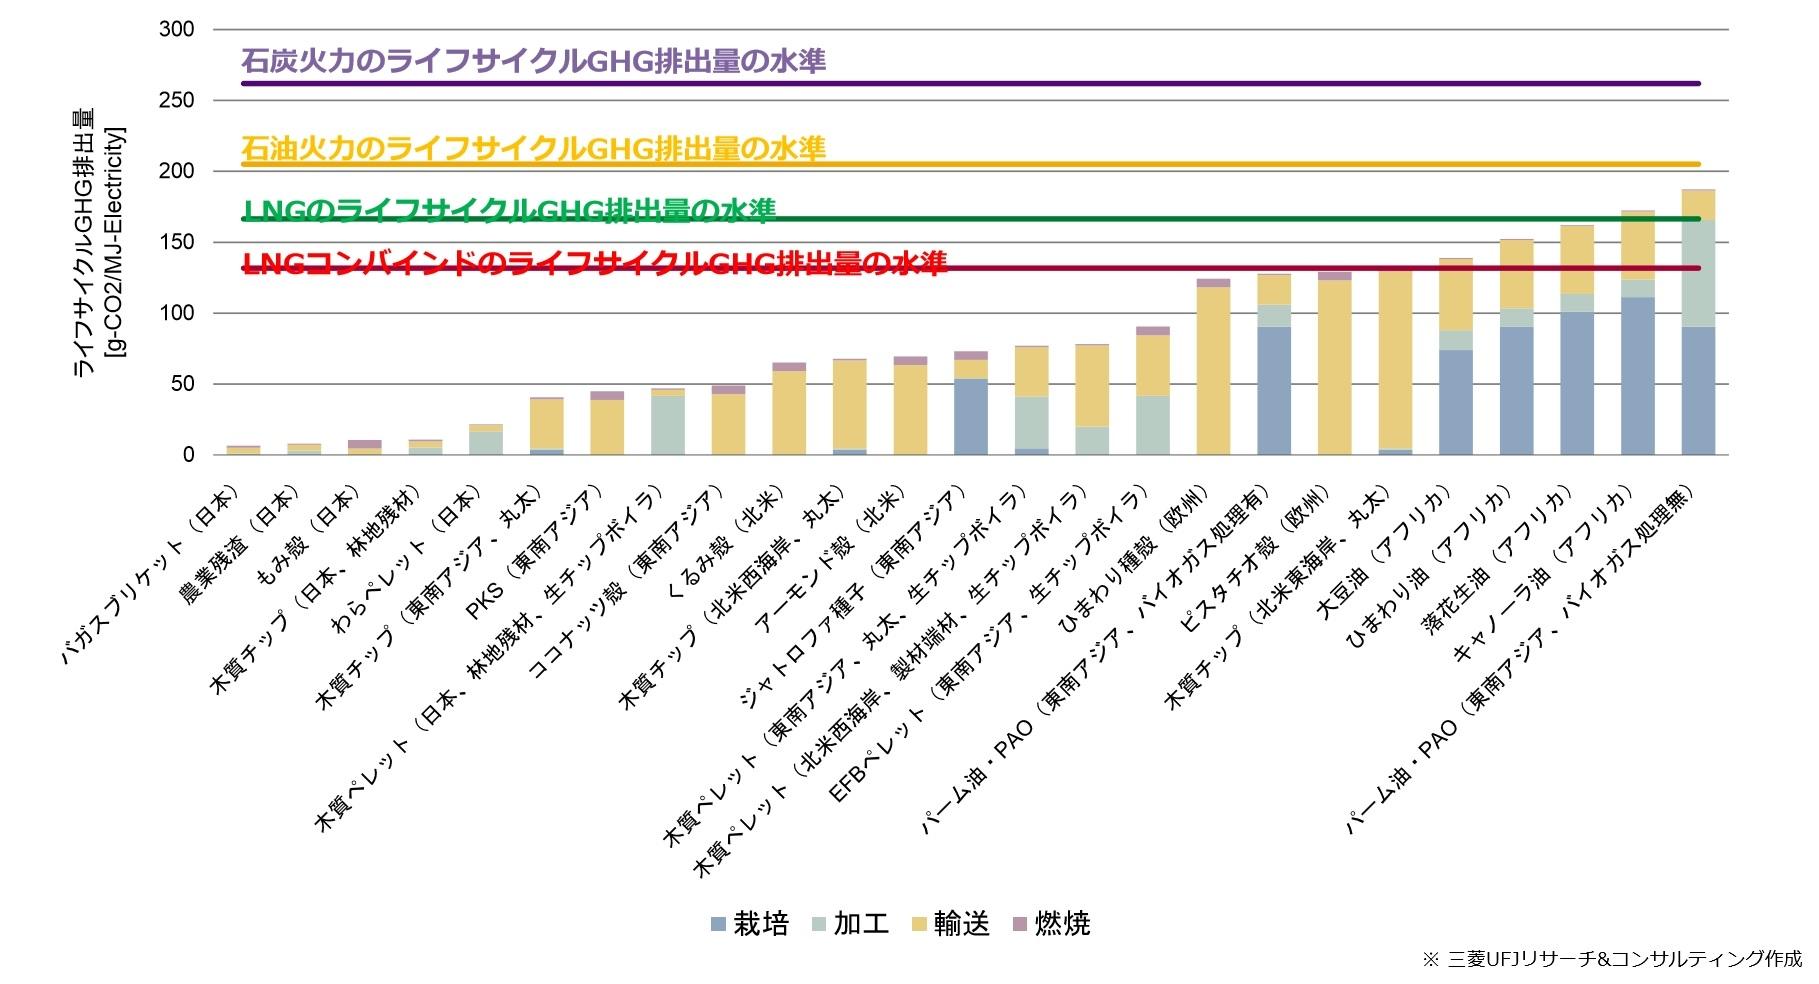 図1●バイオマス燃料のライフサイクルGHG排出量試算 (出所:経済産業省)